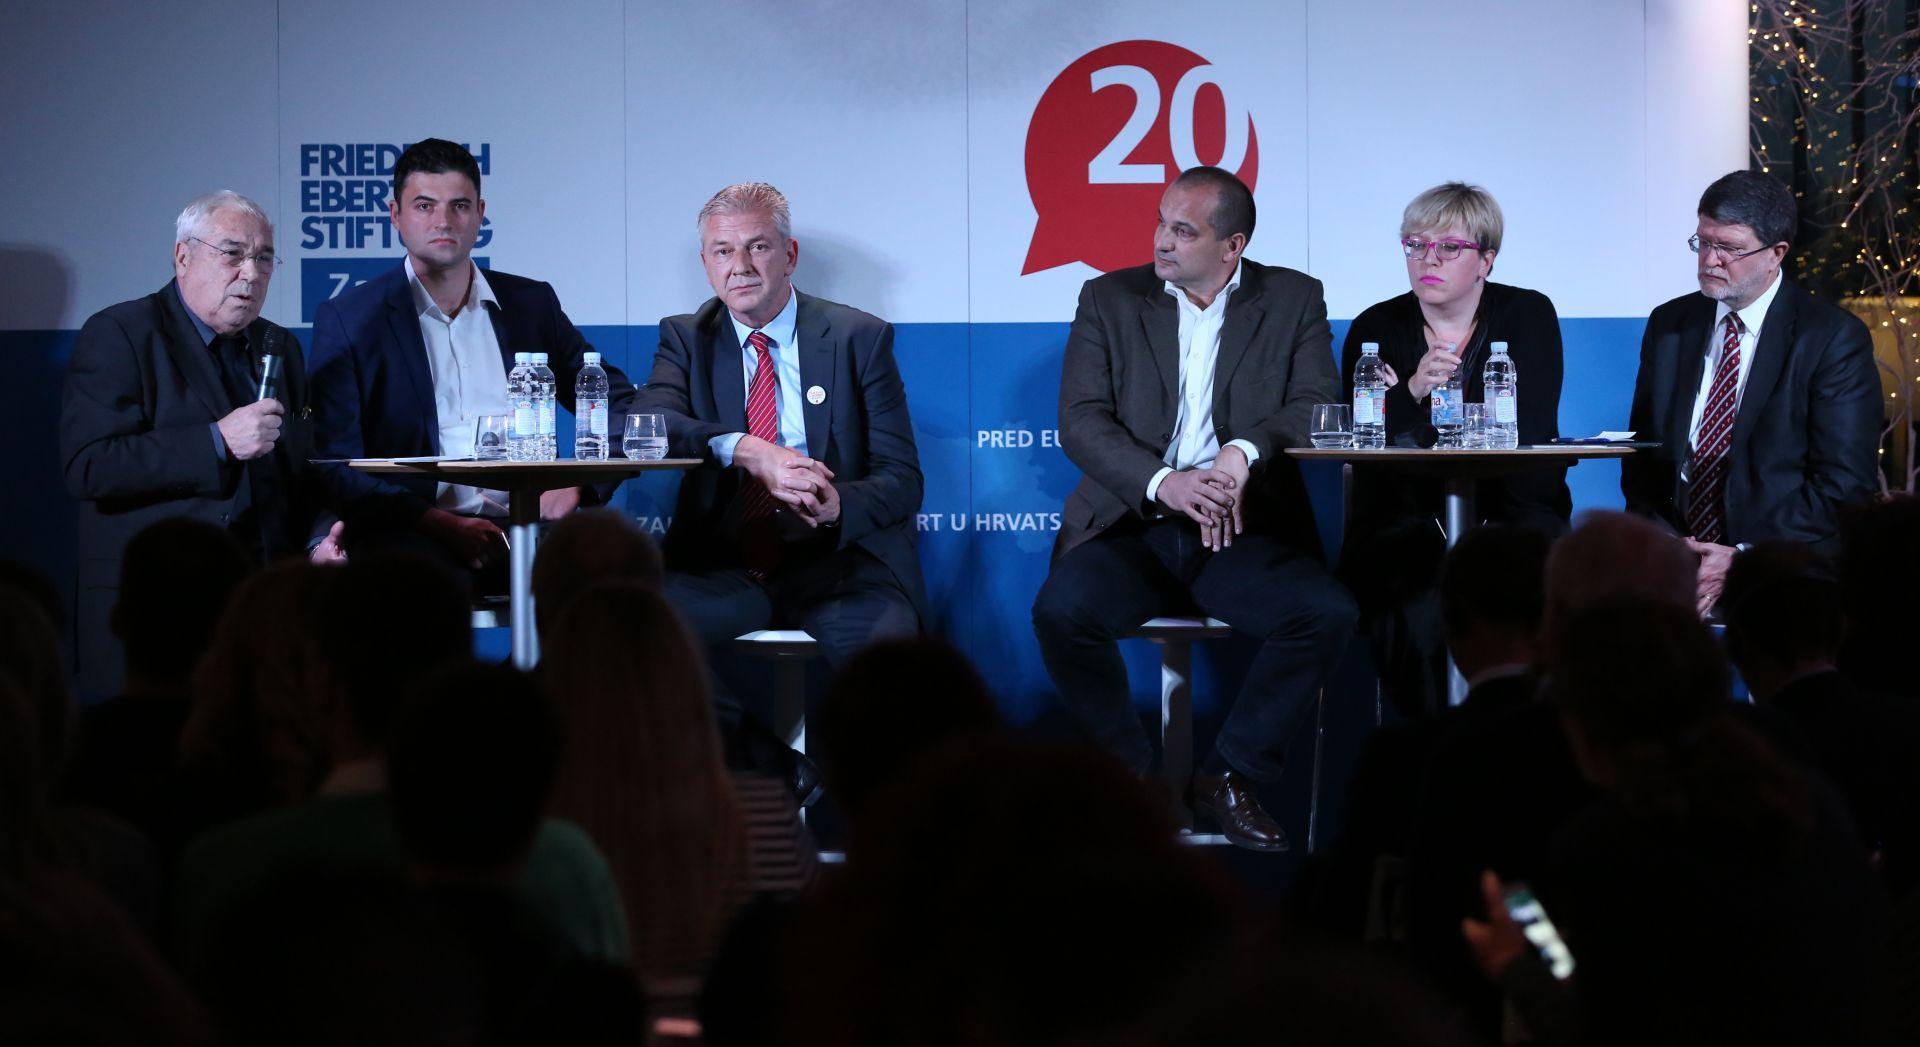 UNUTARSTRANAČKI IZBORI: Prva rasprava kandidata za predsjednika SDP-a